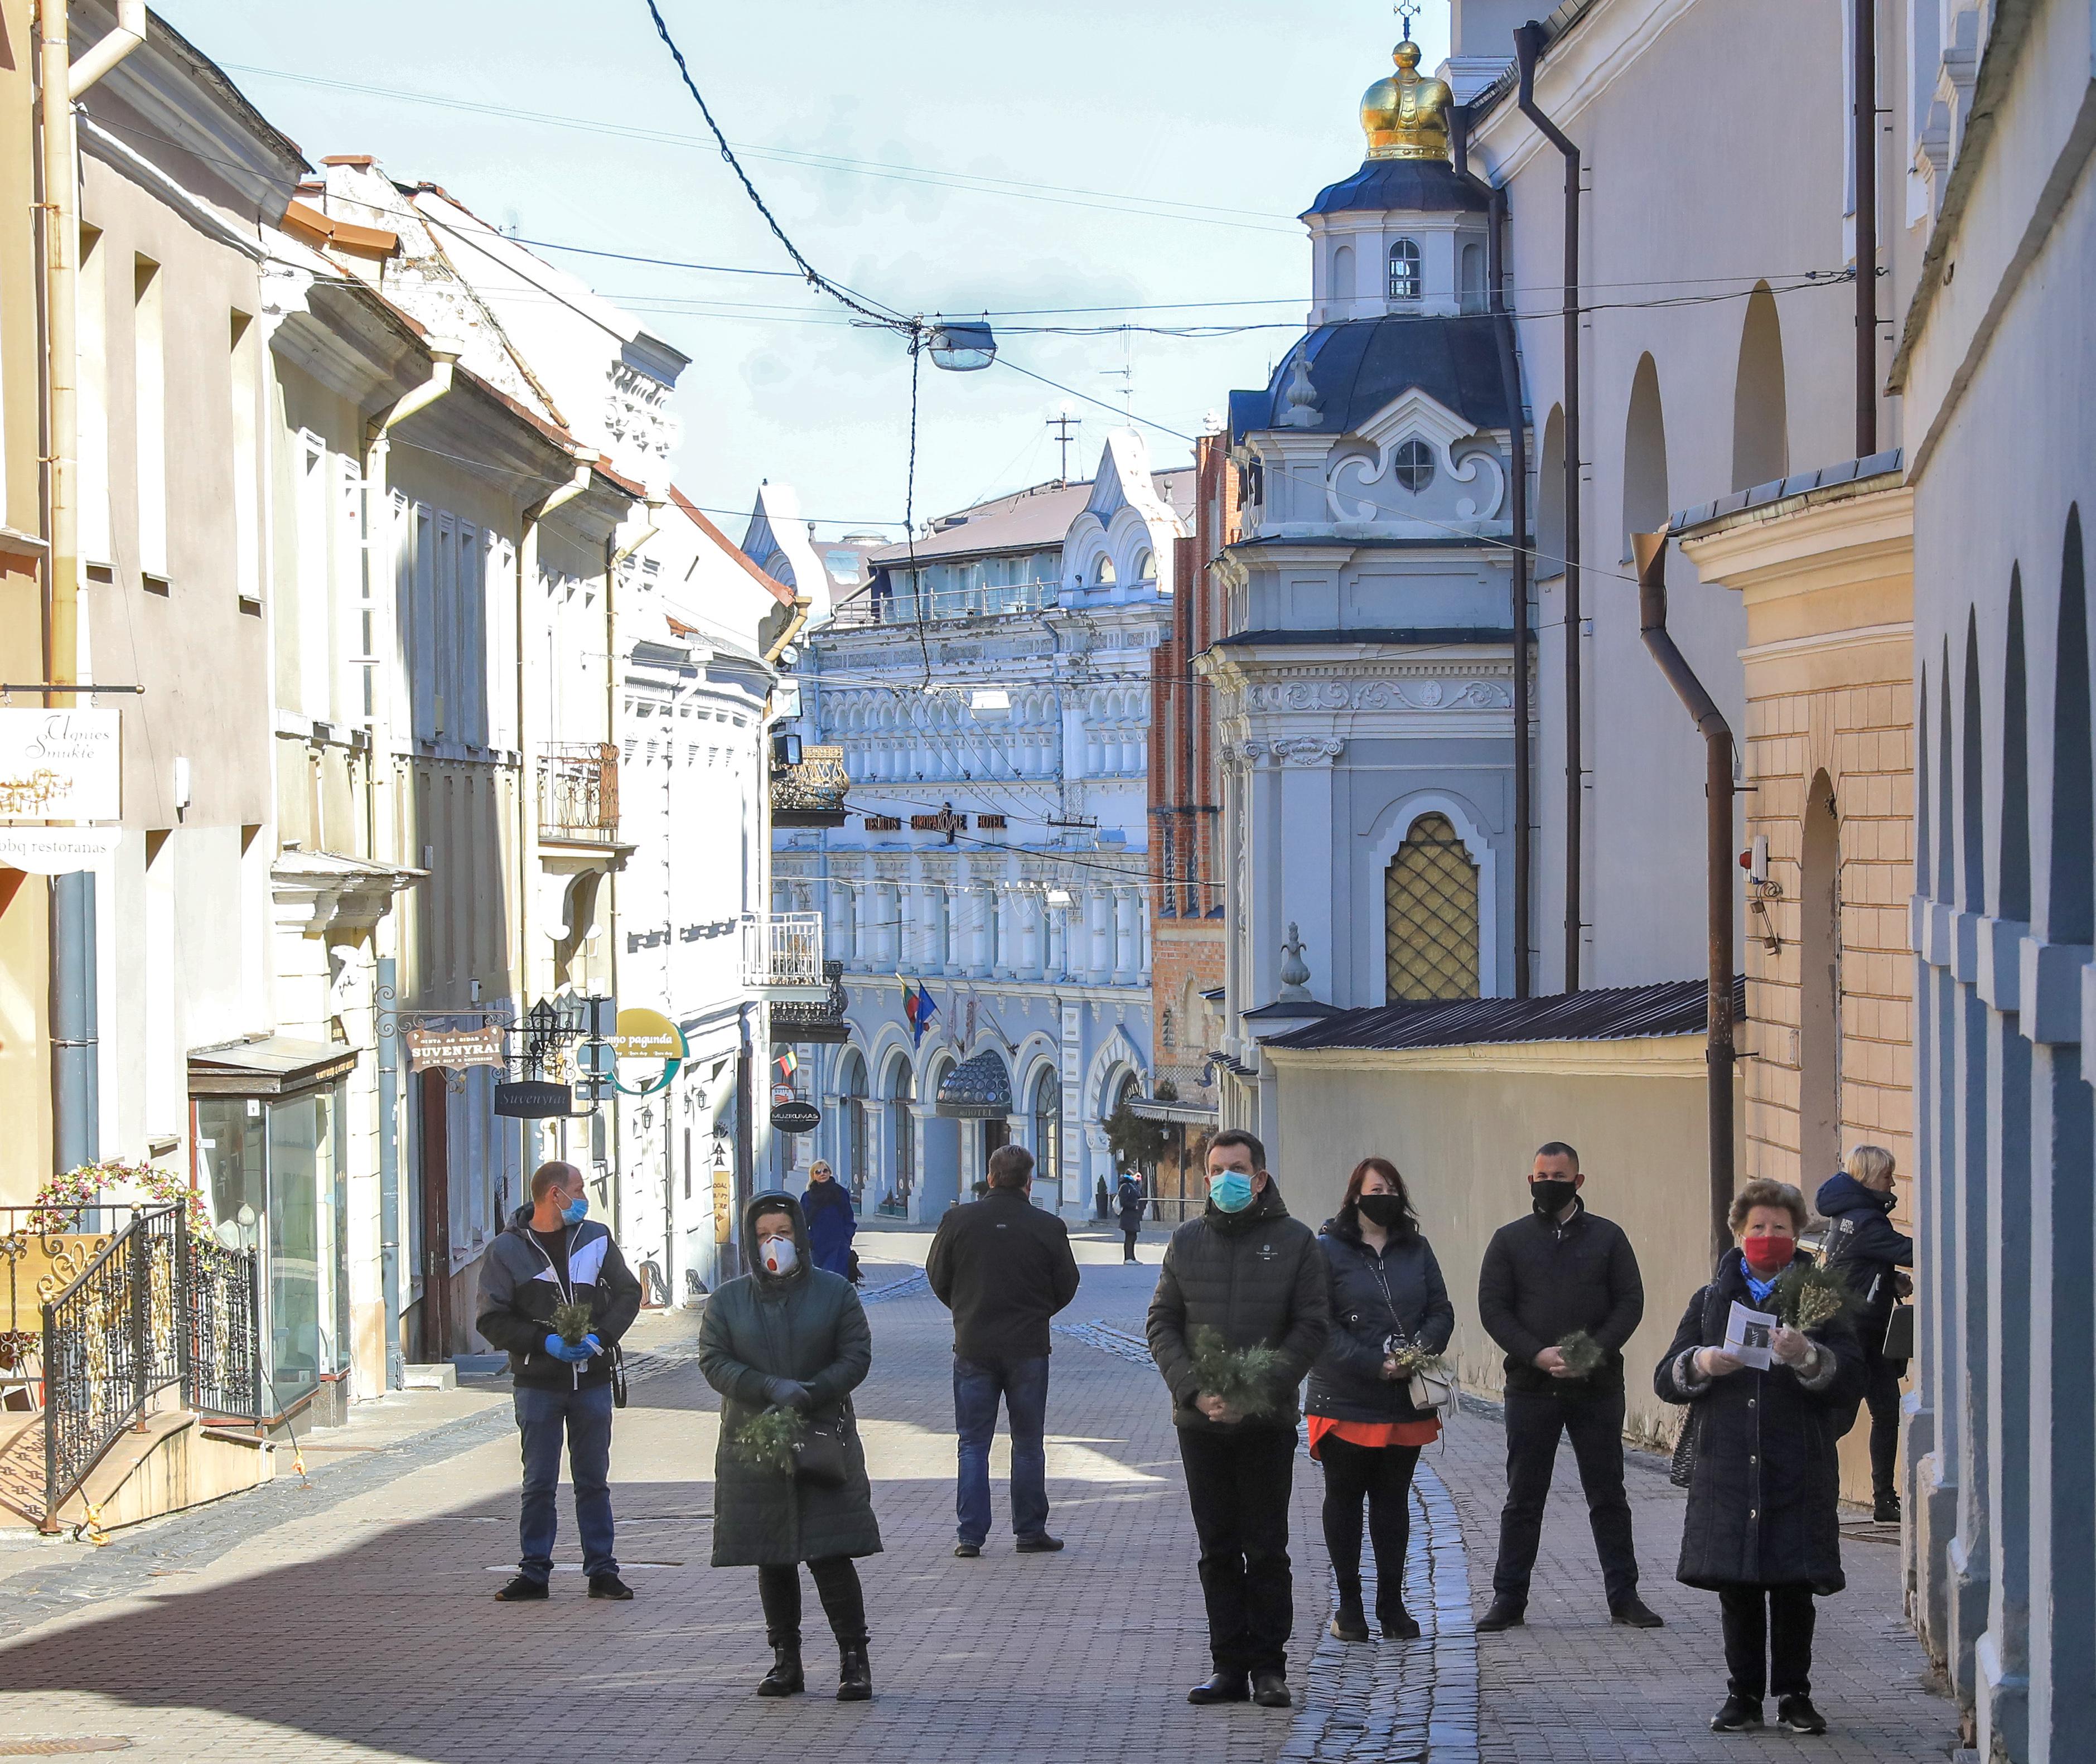 Litvánia fővárosát egy nagy, szabadtéri kávézóvá változtatnák